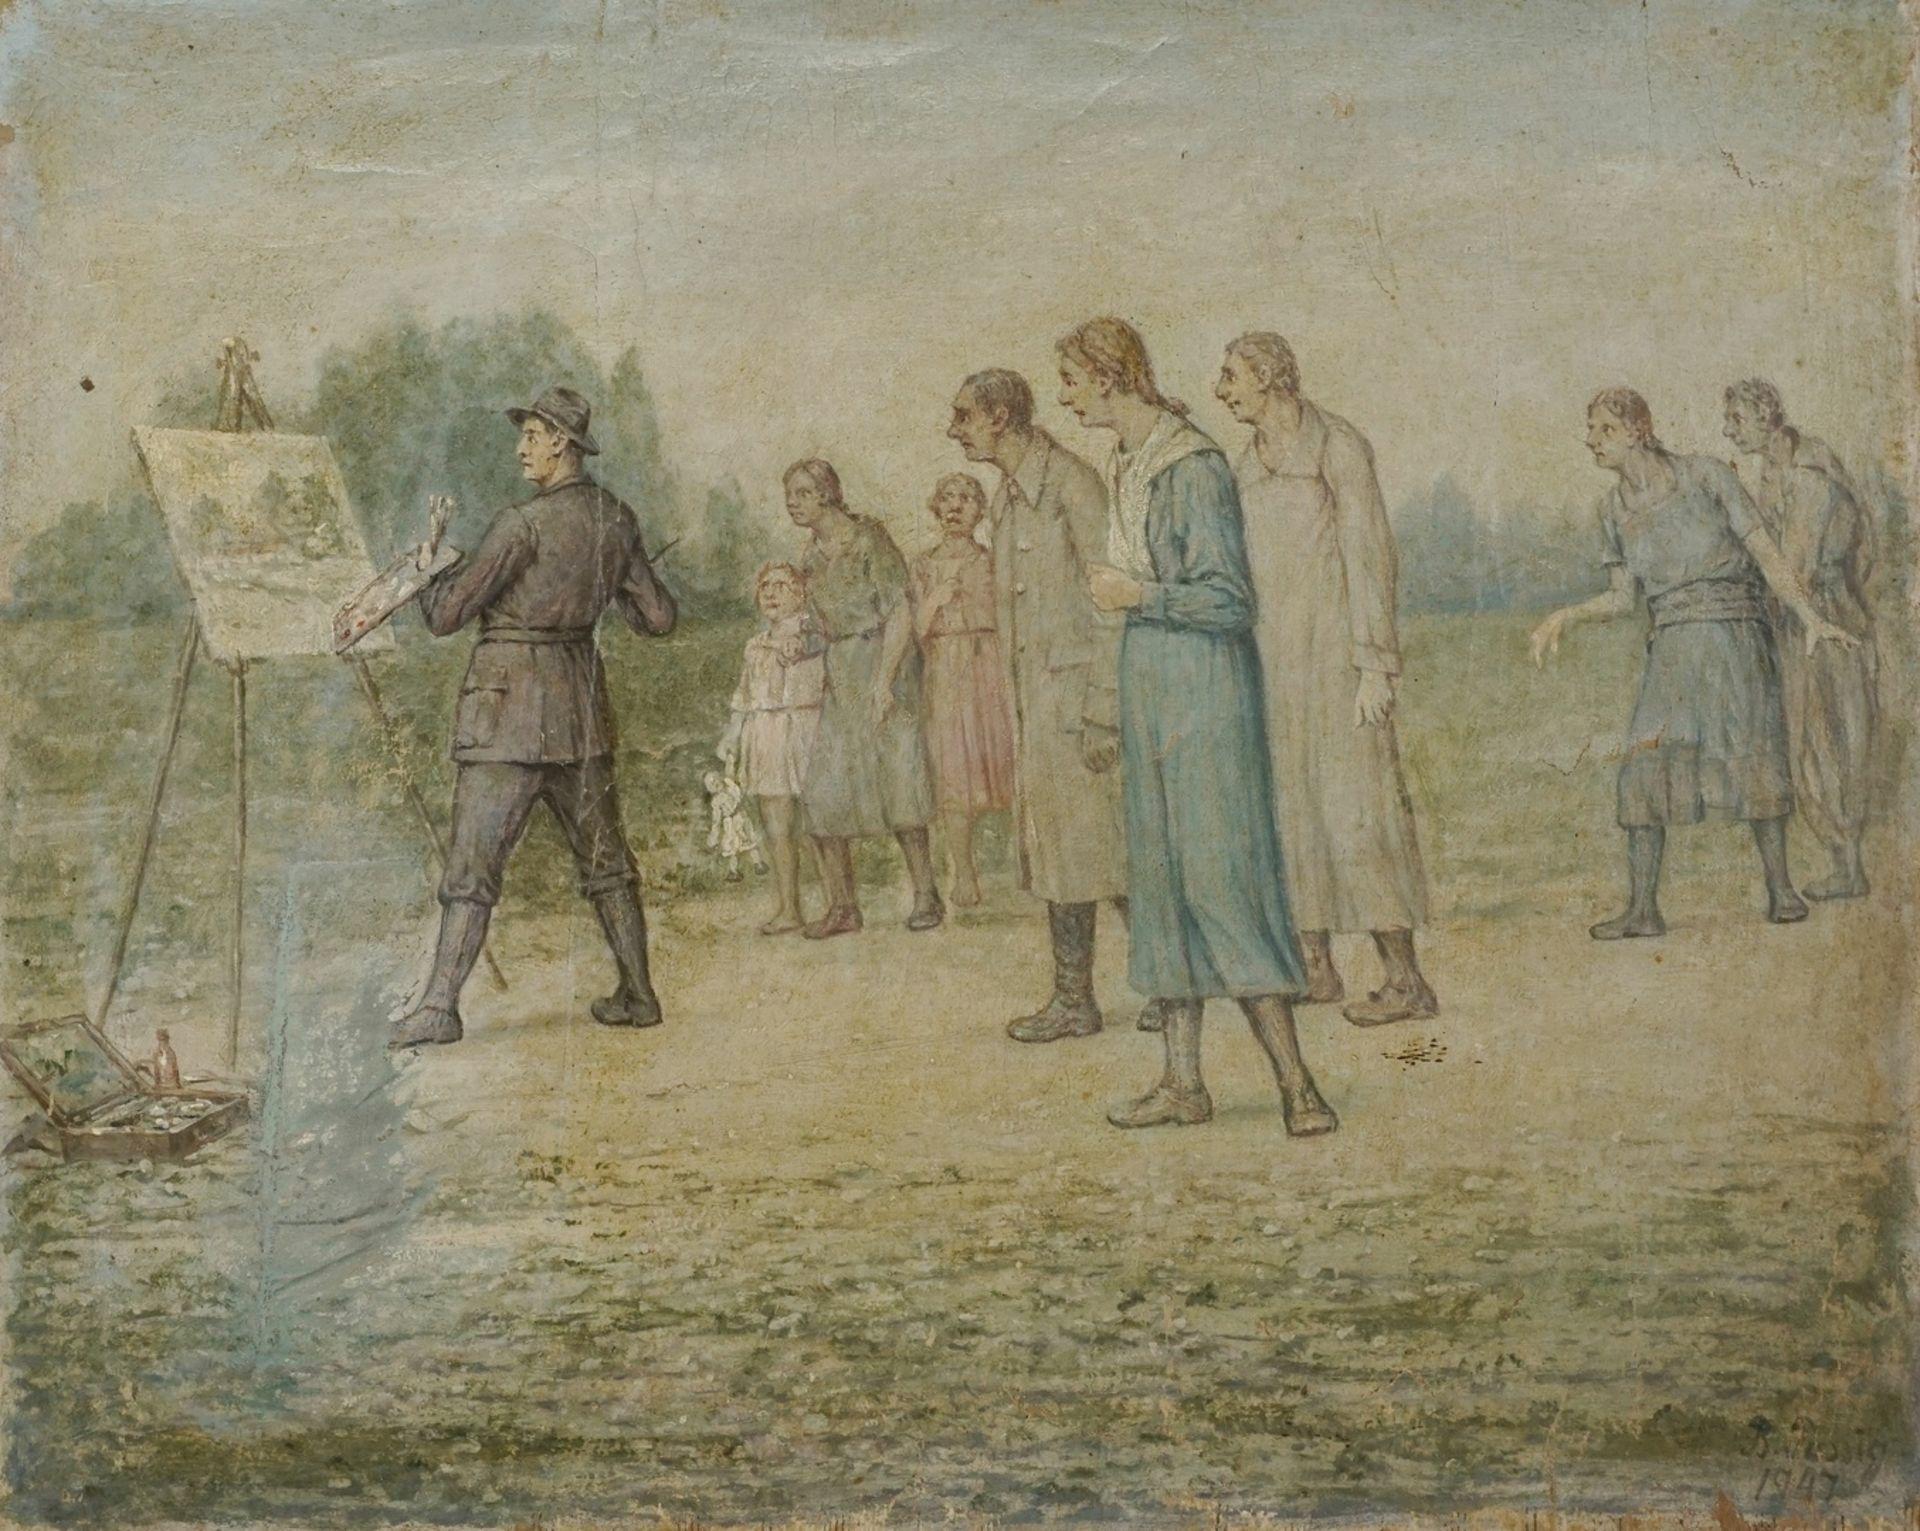 Bendix Passig, Der Maler als Attraktion